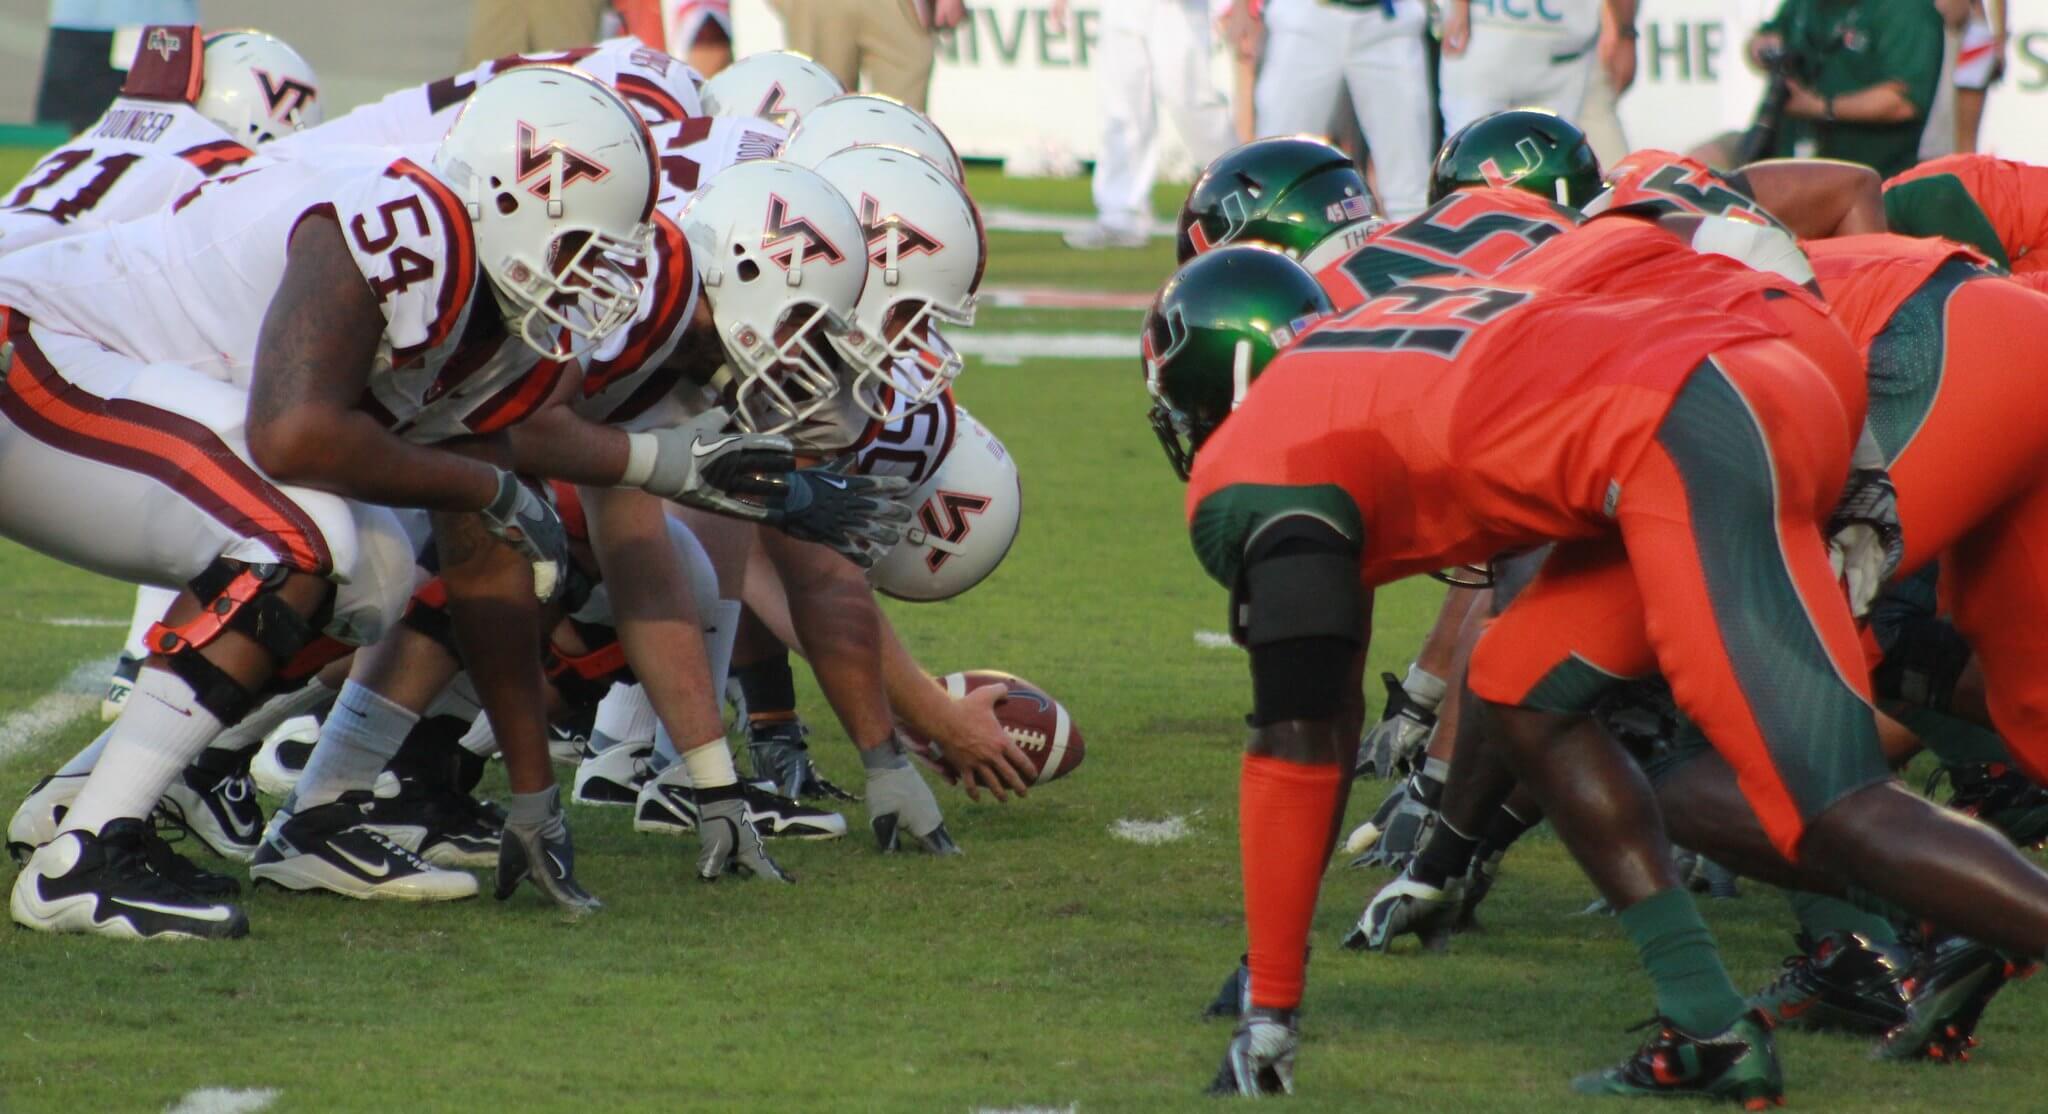 Miami vs Virginia Tech rivalry